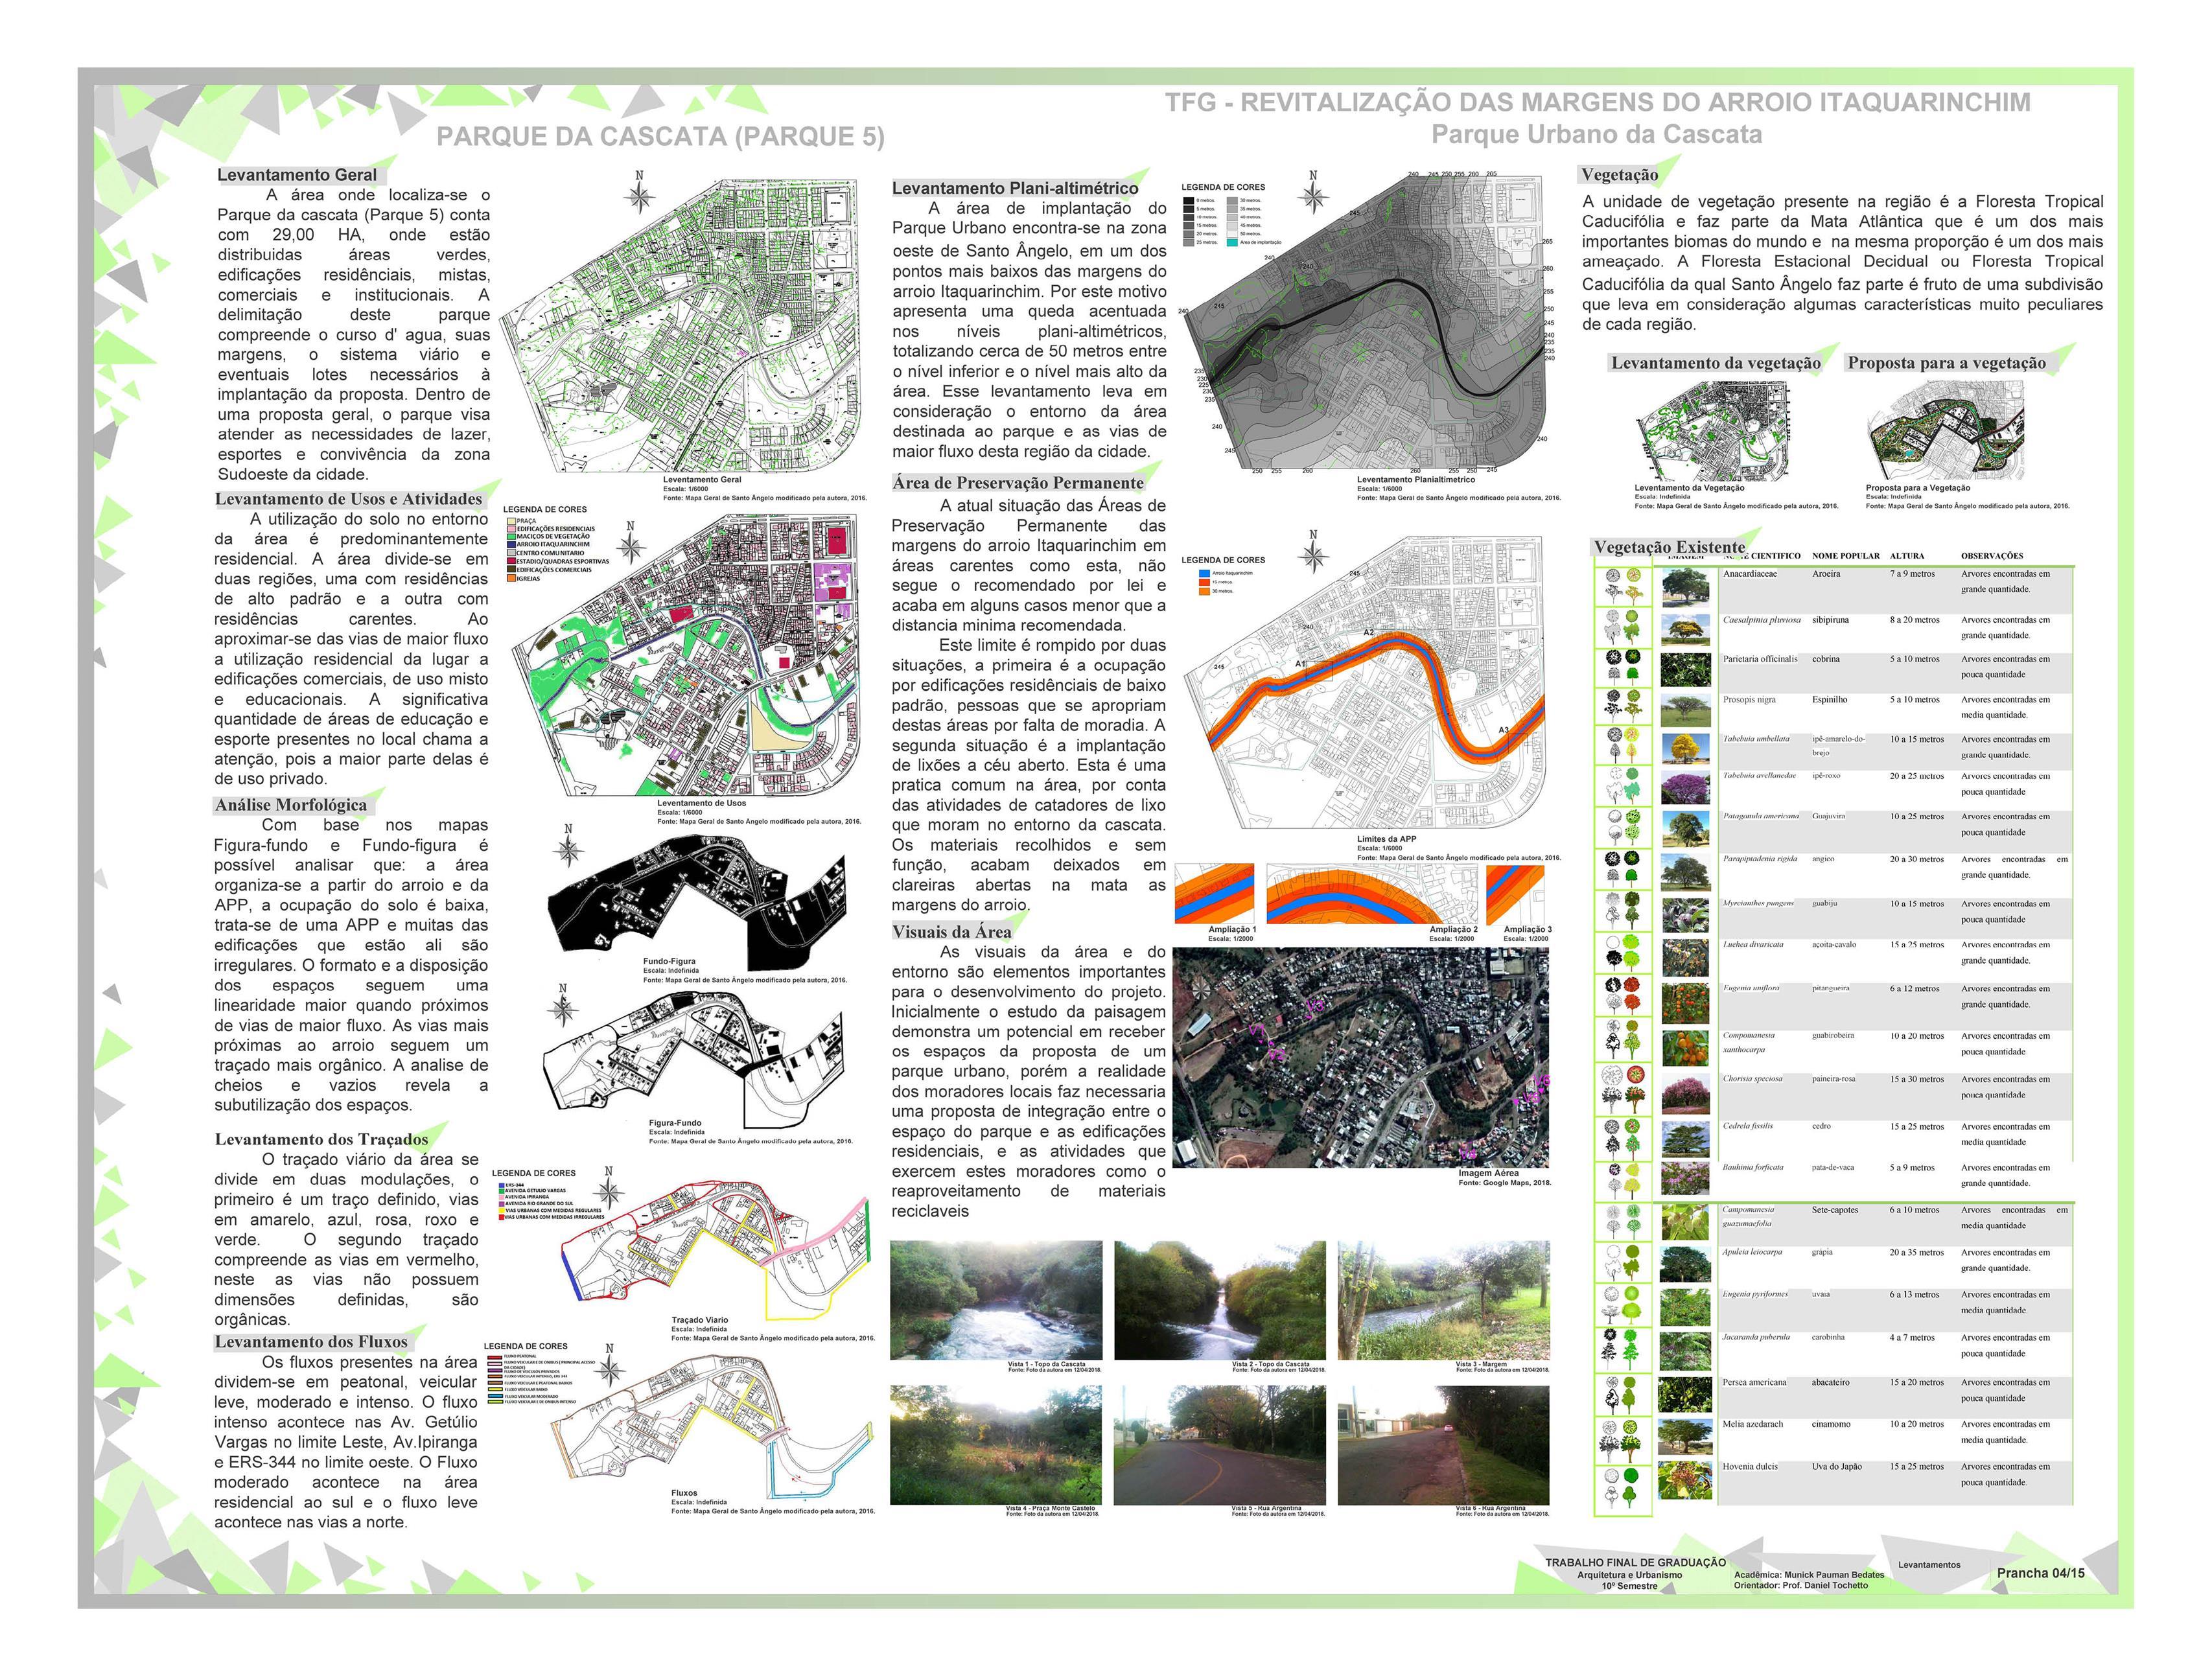 Revitalização das Margens do Arroio Itaquarinchim - Parque Urbano da Cascata4 (Copy)